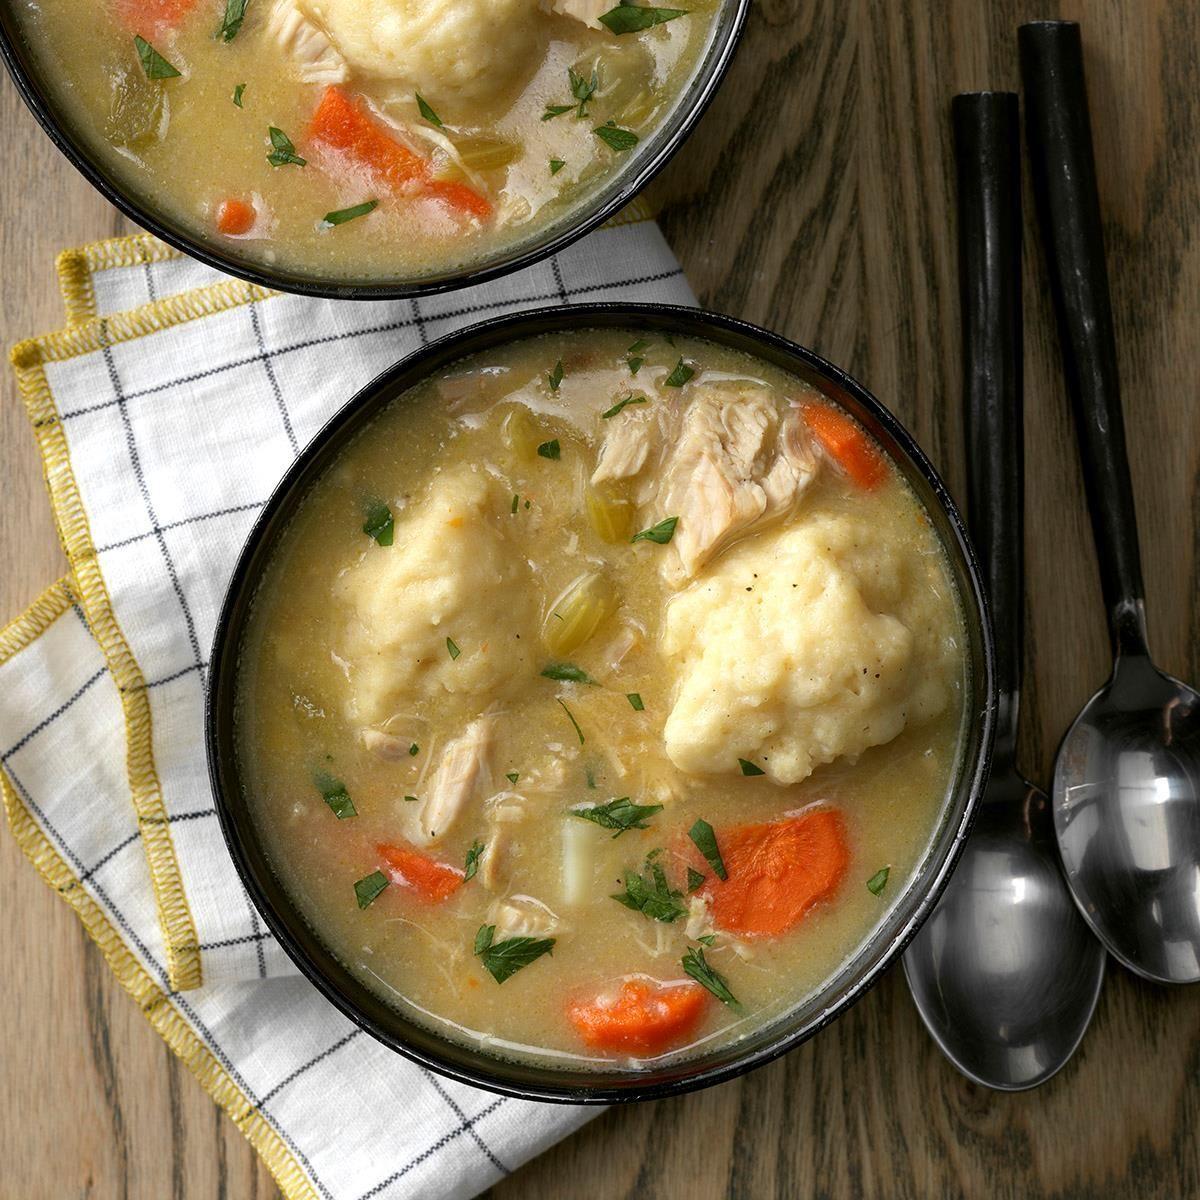 Grandma S Chicken N Dumpling Soup Recipe Dumplings For Soup Chicken N Dumplings Soup Recipes